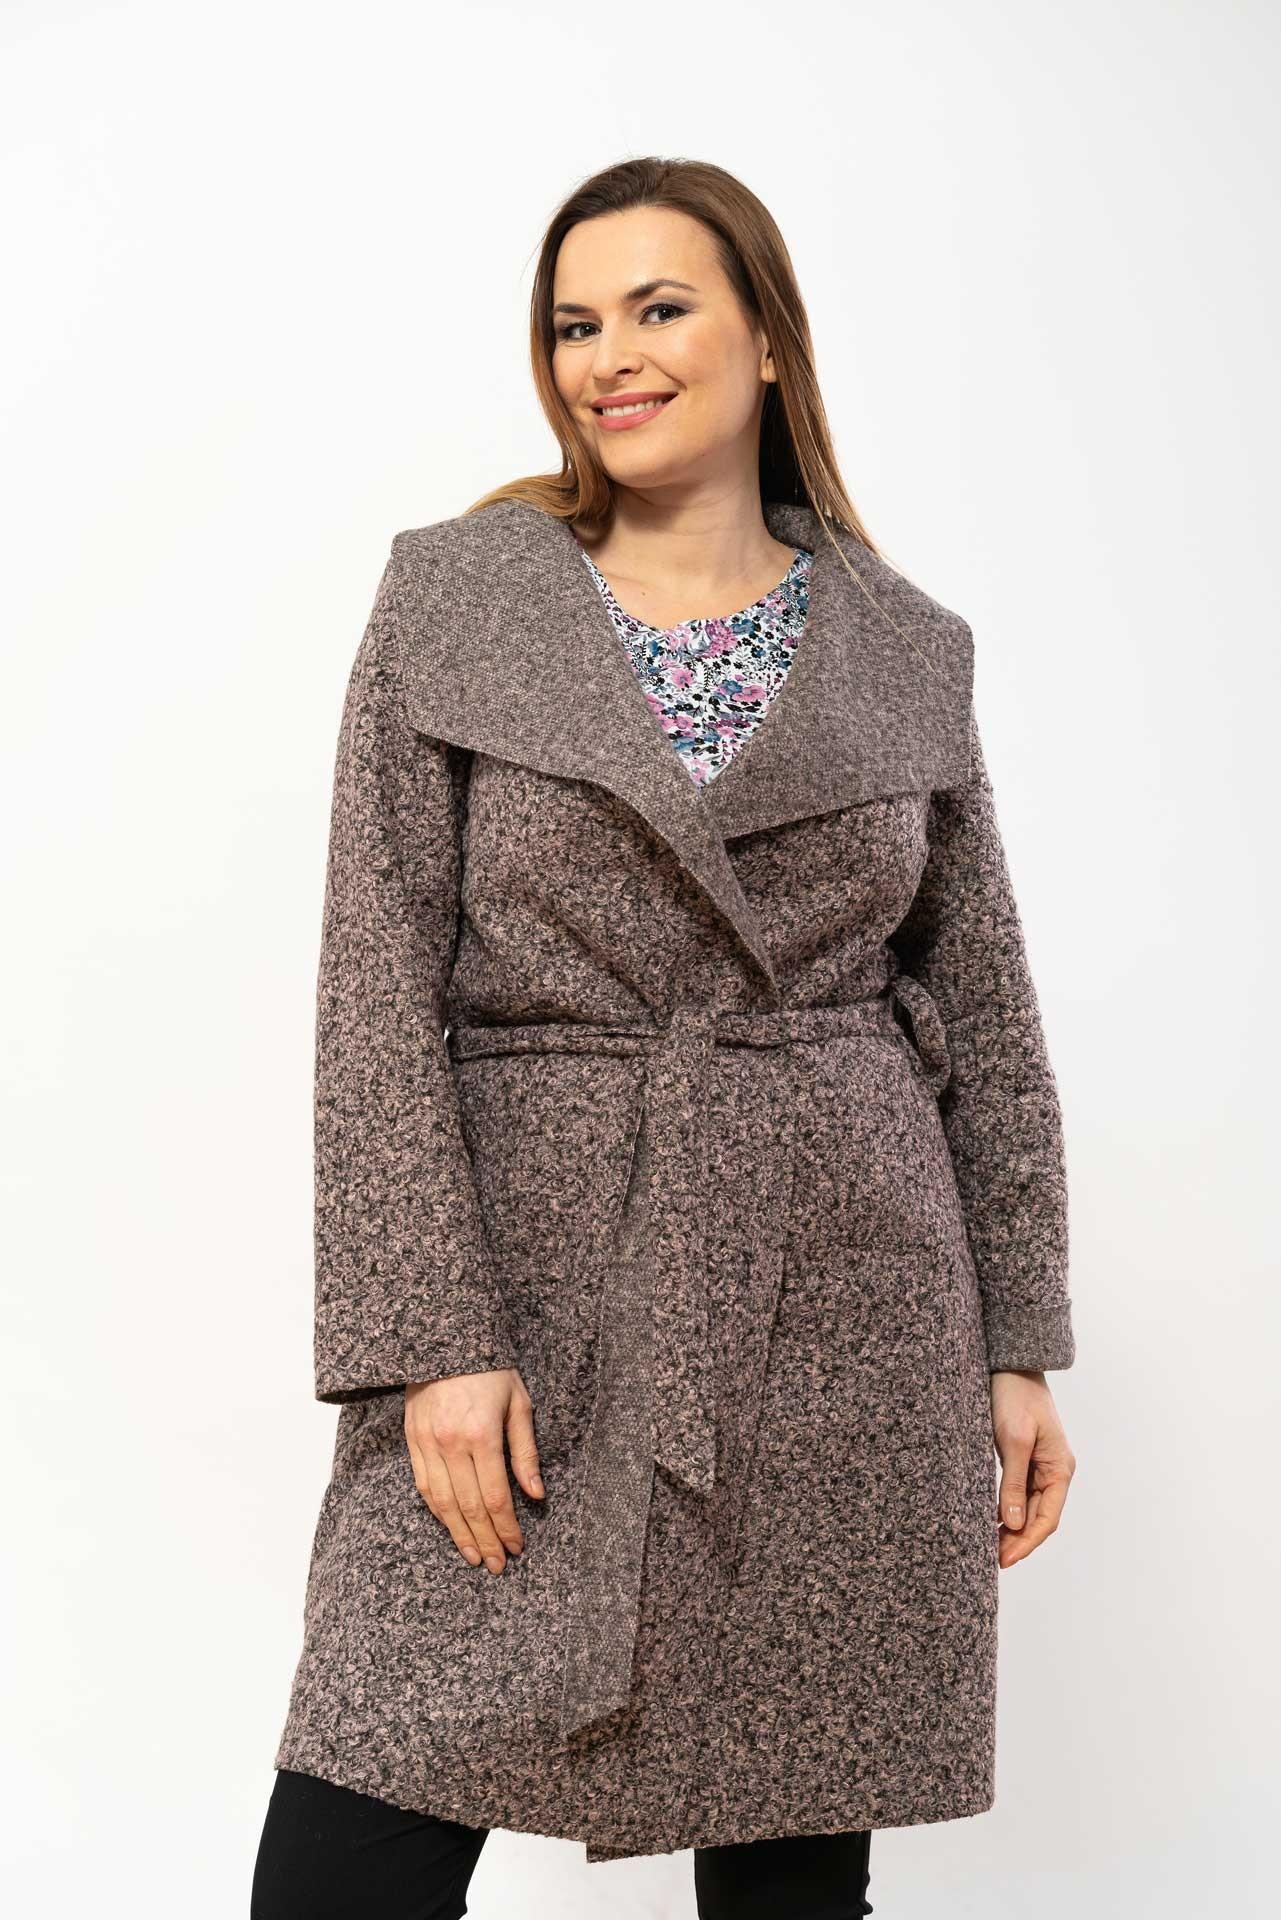 Dámský jarní kabátek ANET